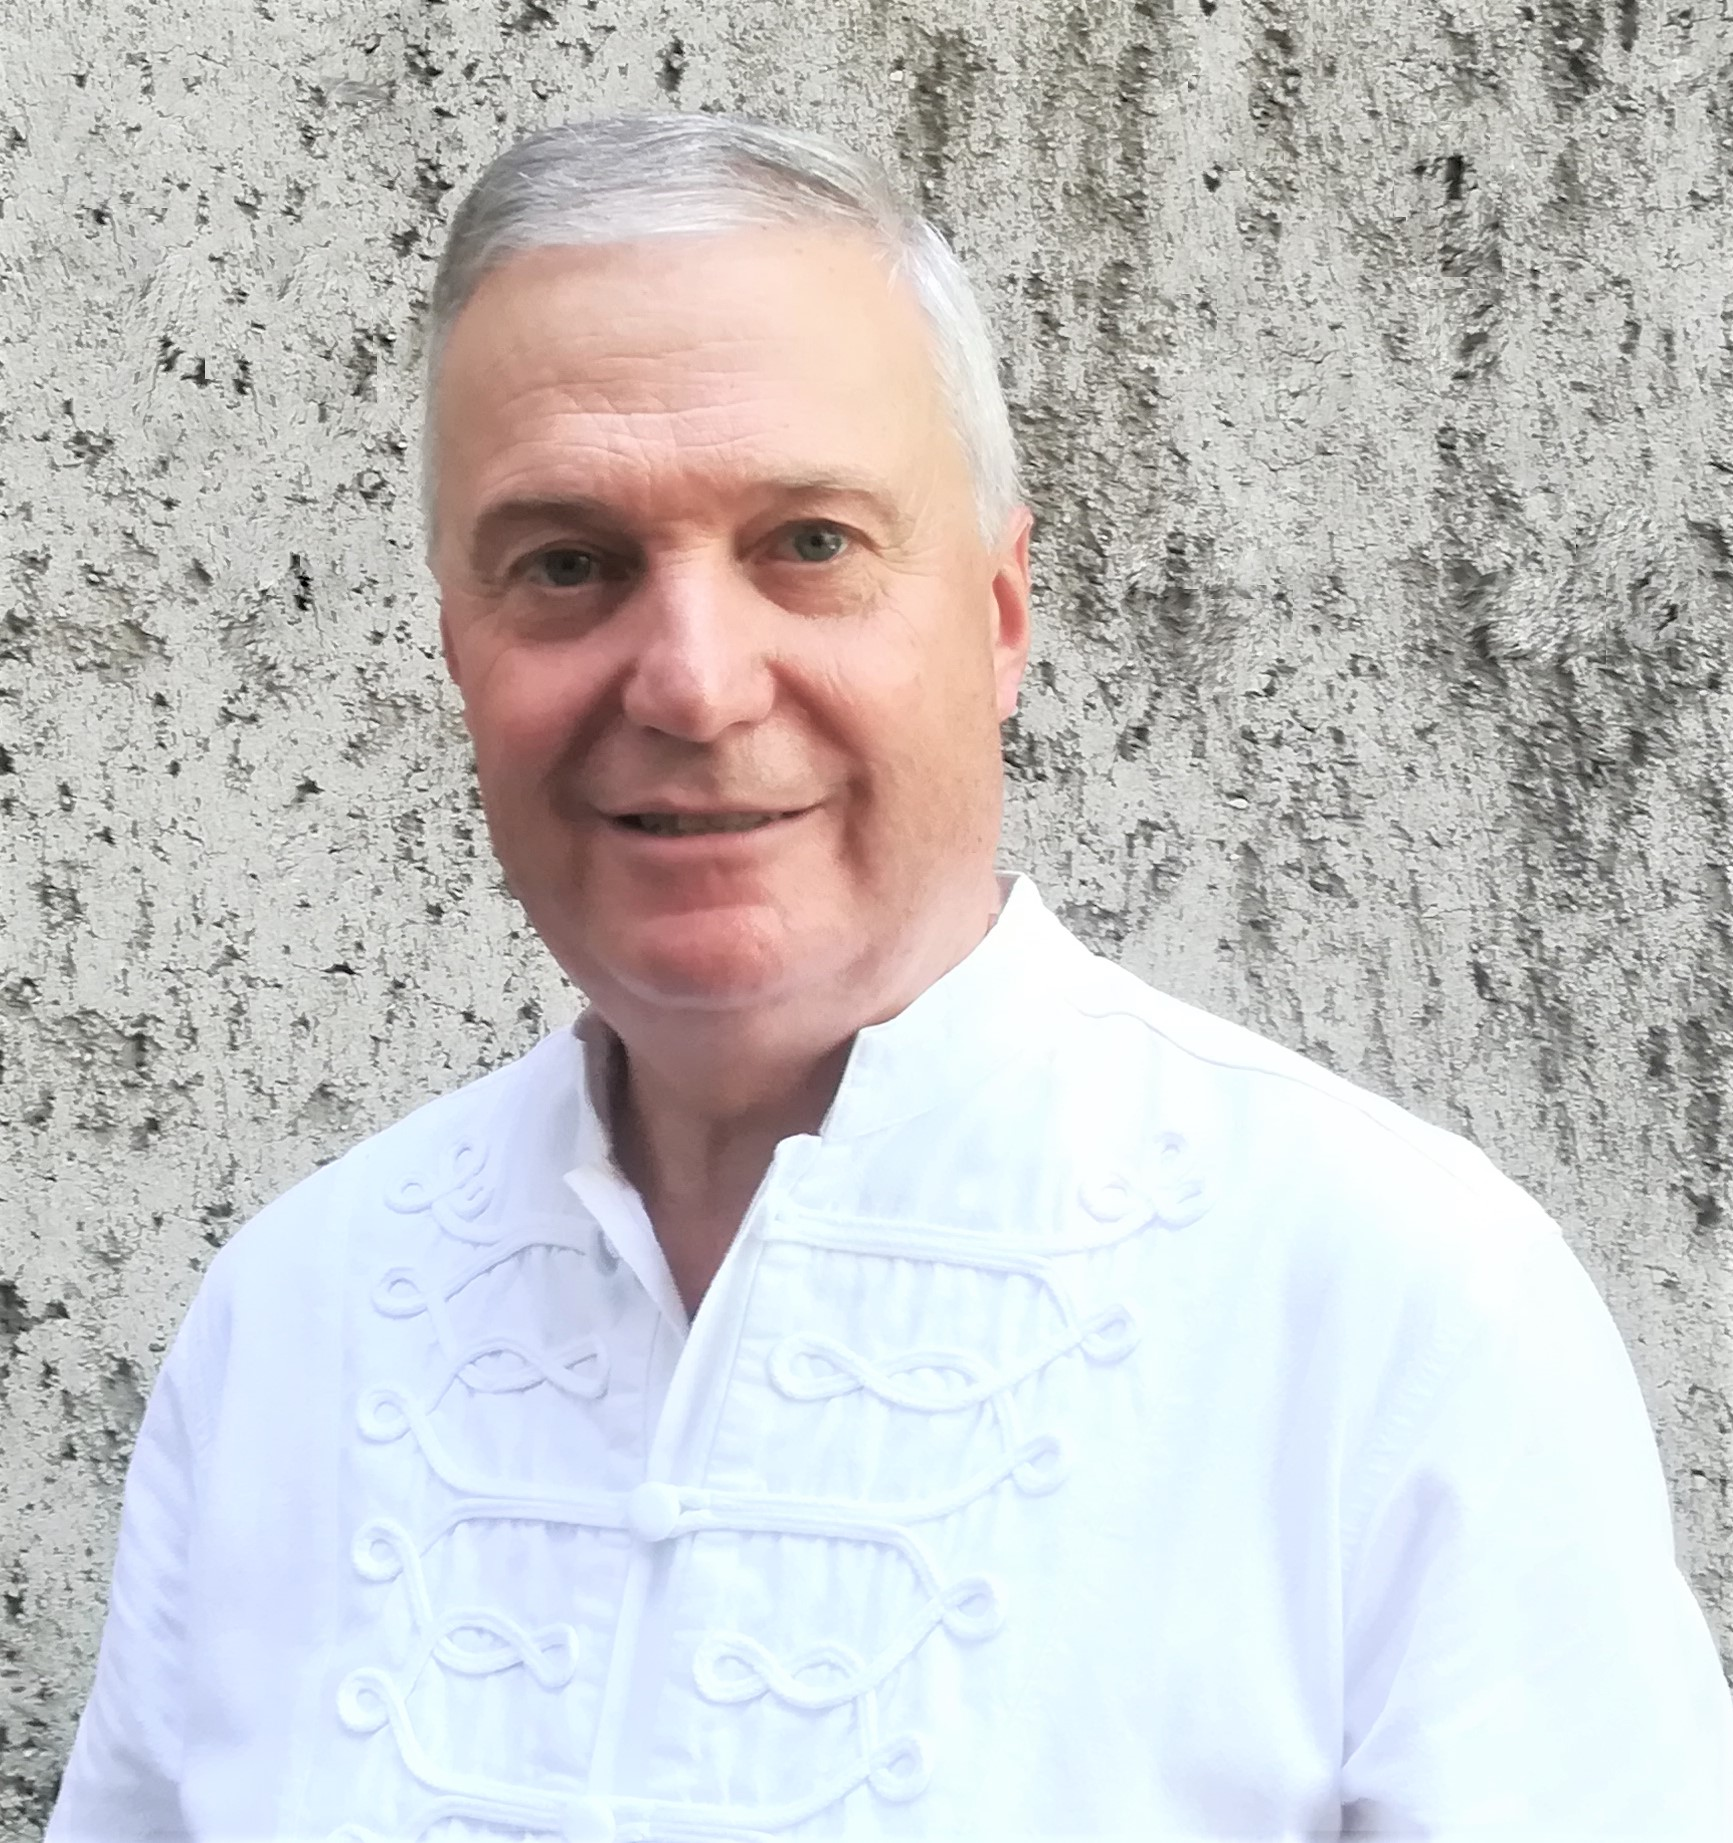 A képen Dr. Nagy Sándor látható